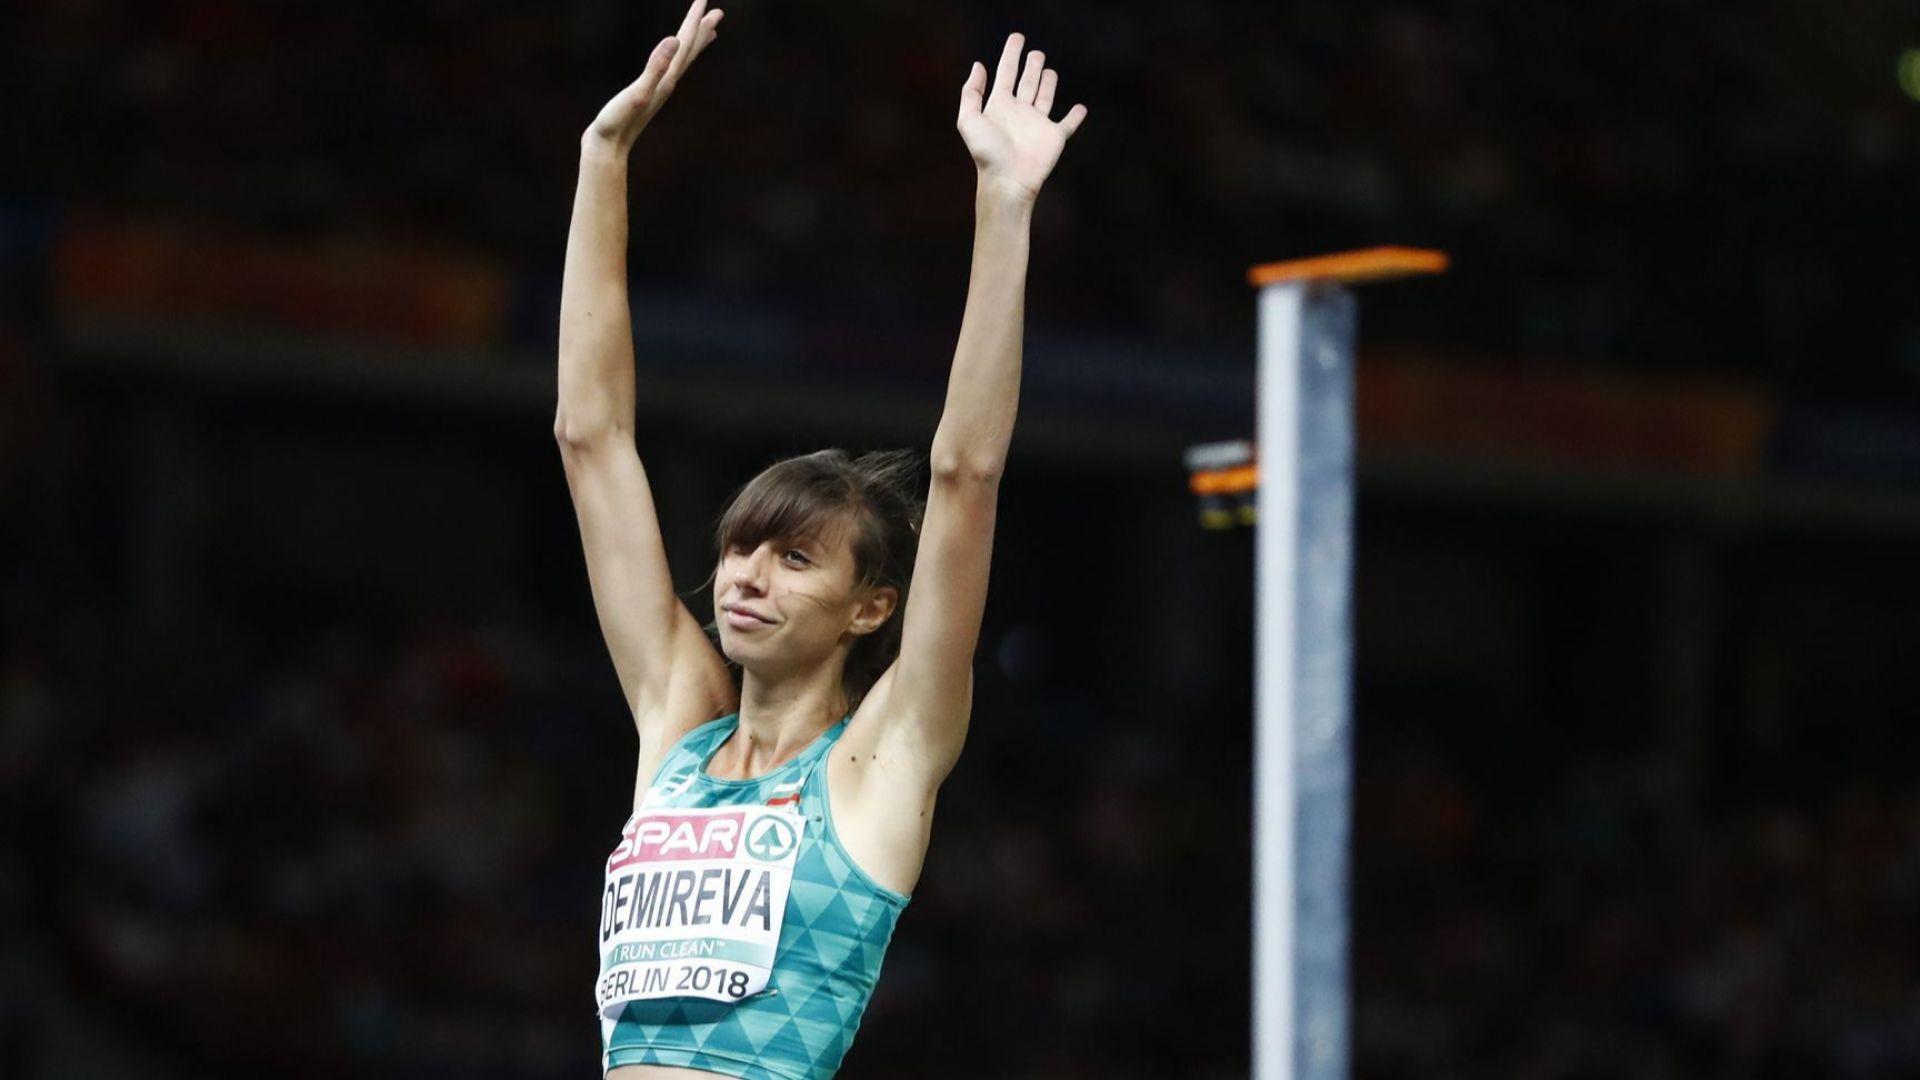 Мирела Демирева взе медал и покри норматива за Световното